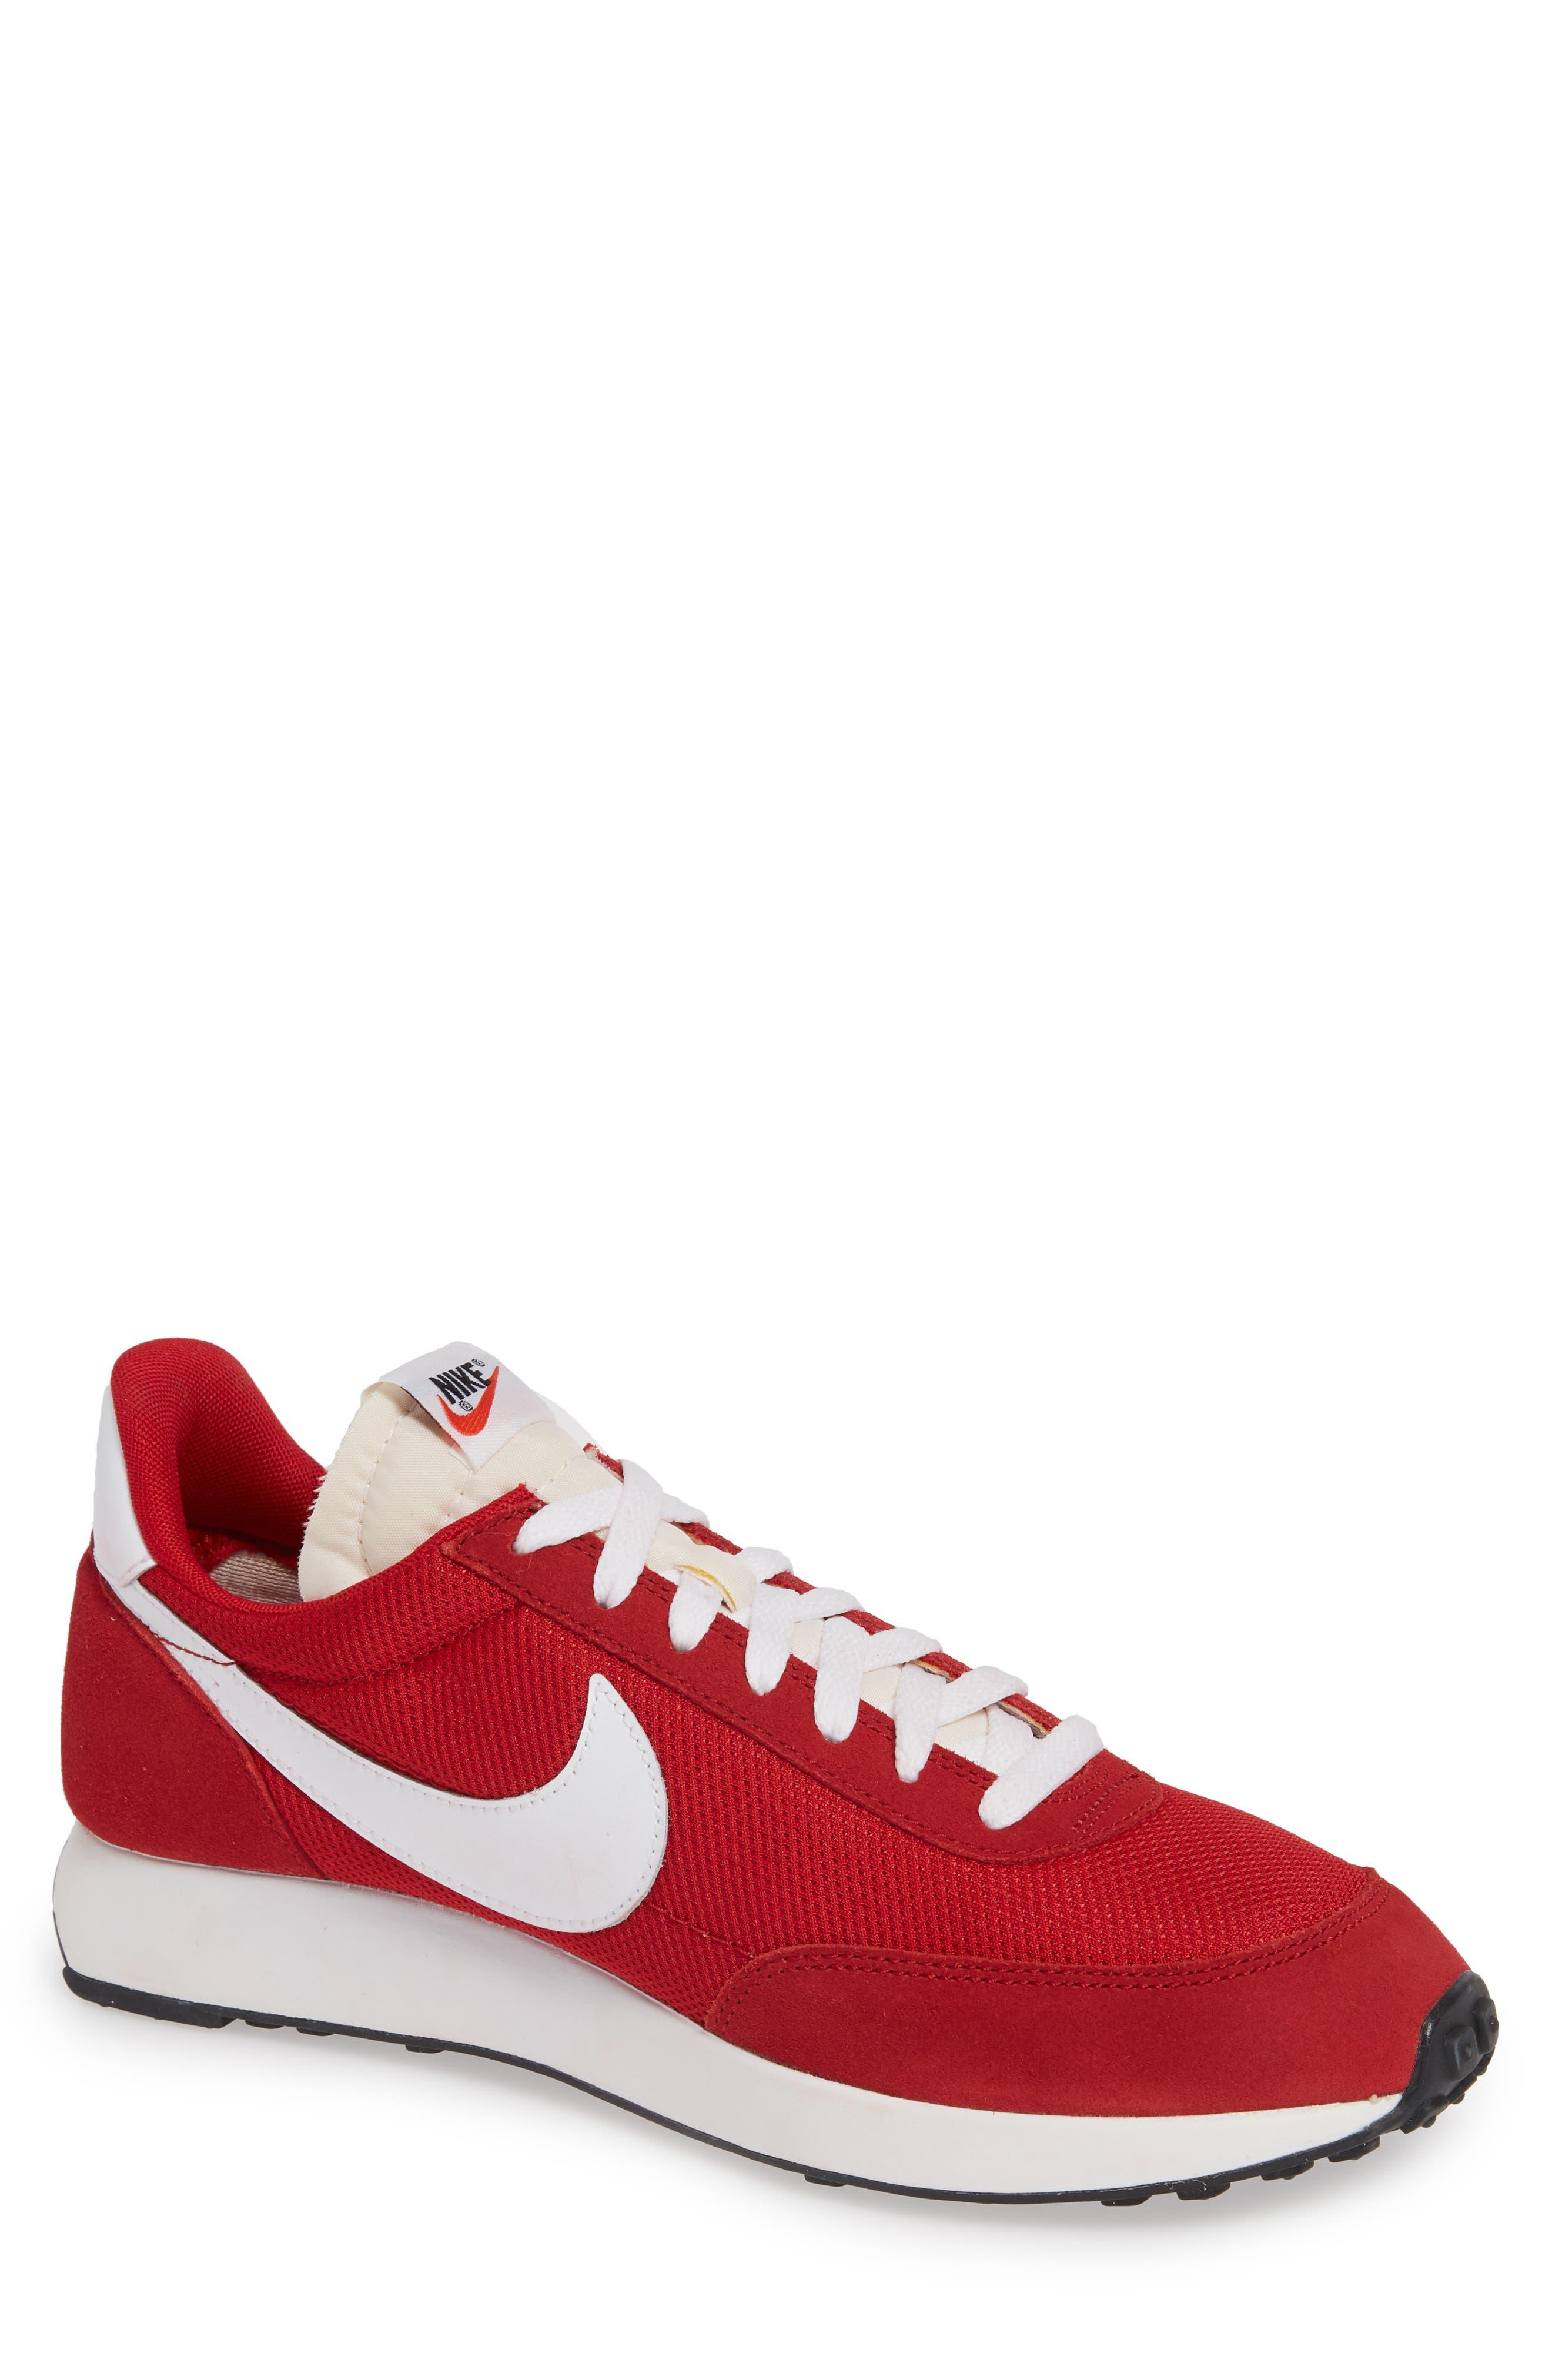 b2ac5a9fc27e Men s Nike Shoes